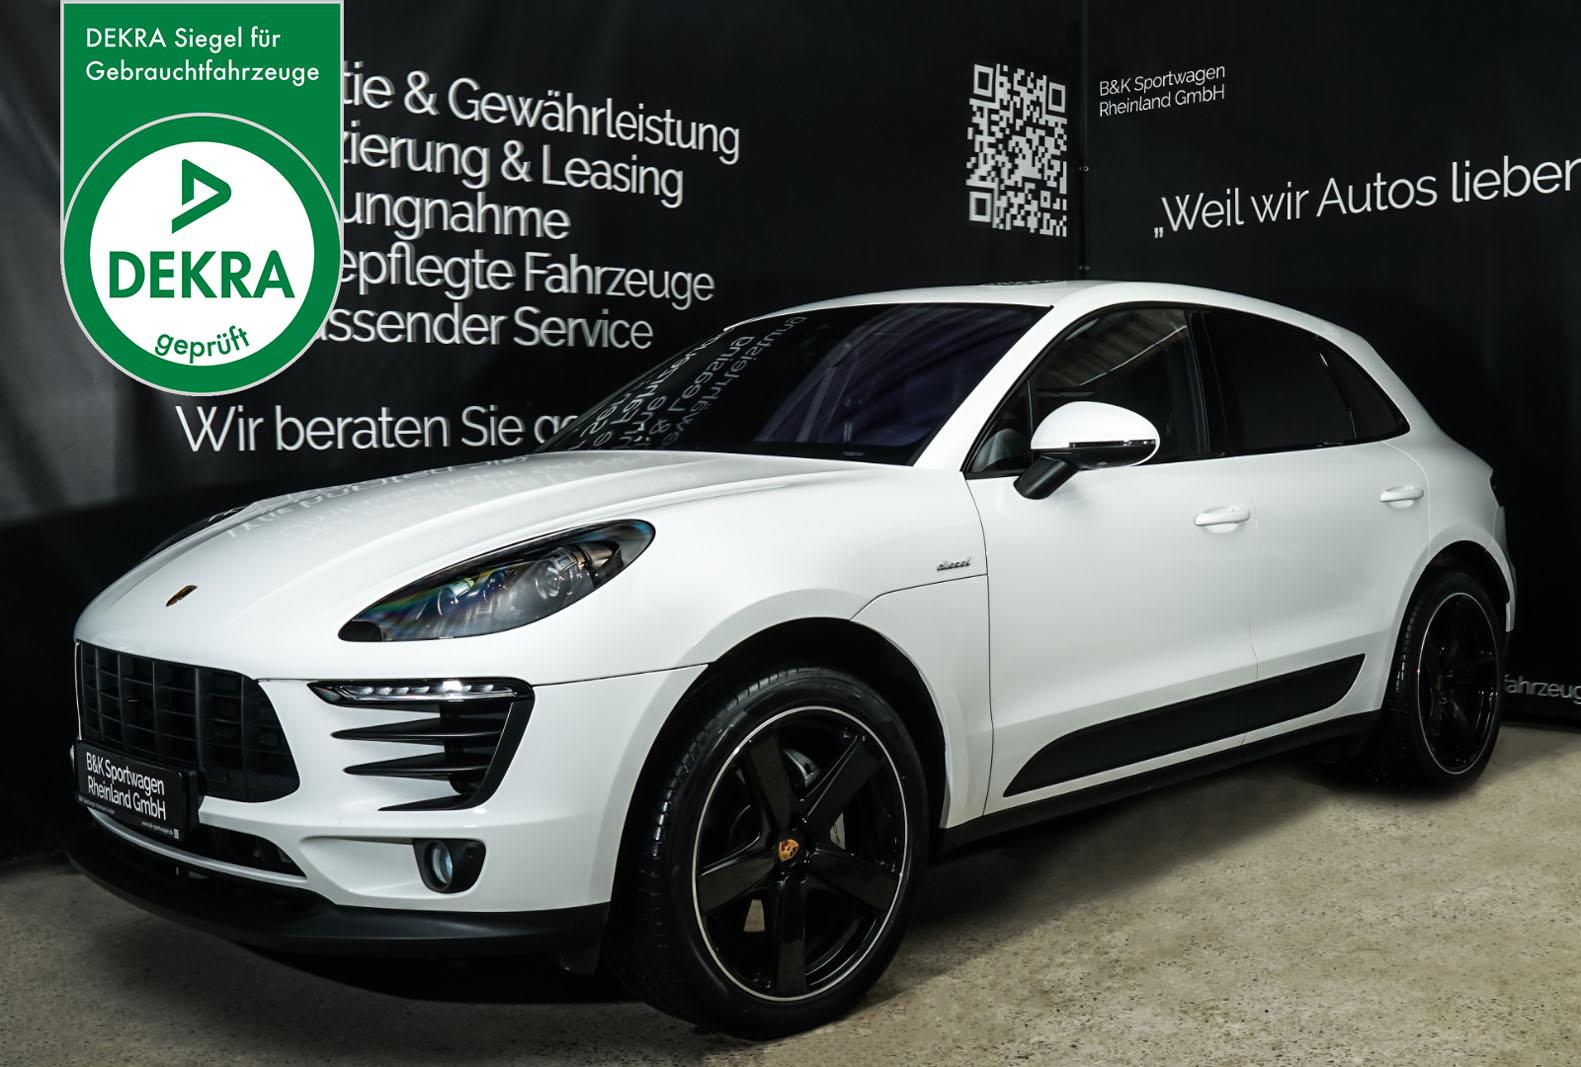 Porsche_Macan_S_Weiß_Schwarz_Por-3526_dekra_usedwagensiegel_w